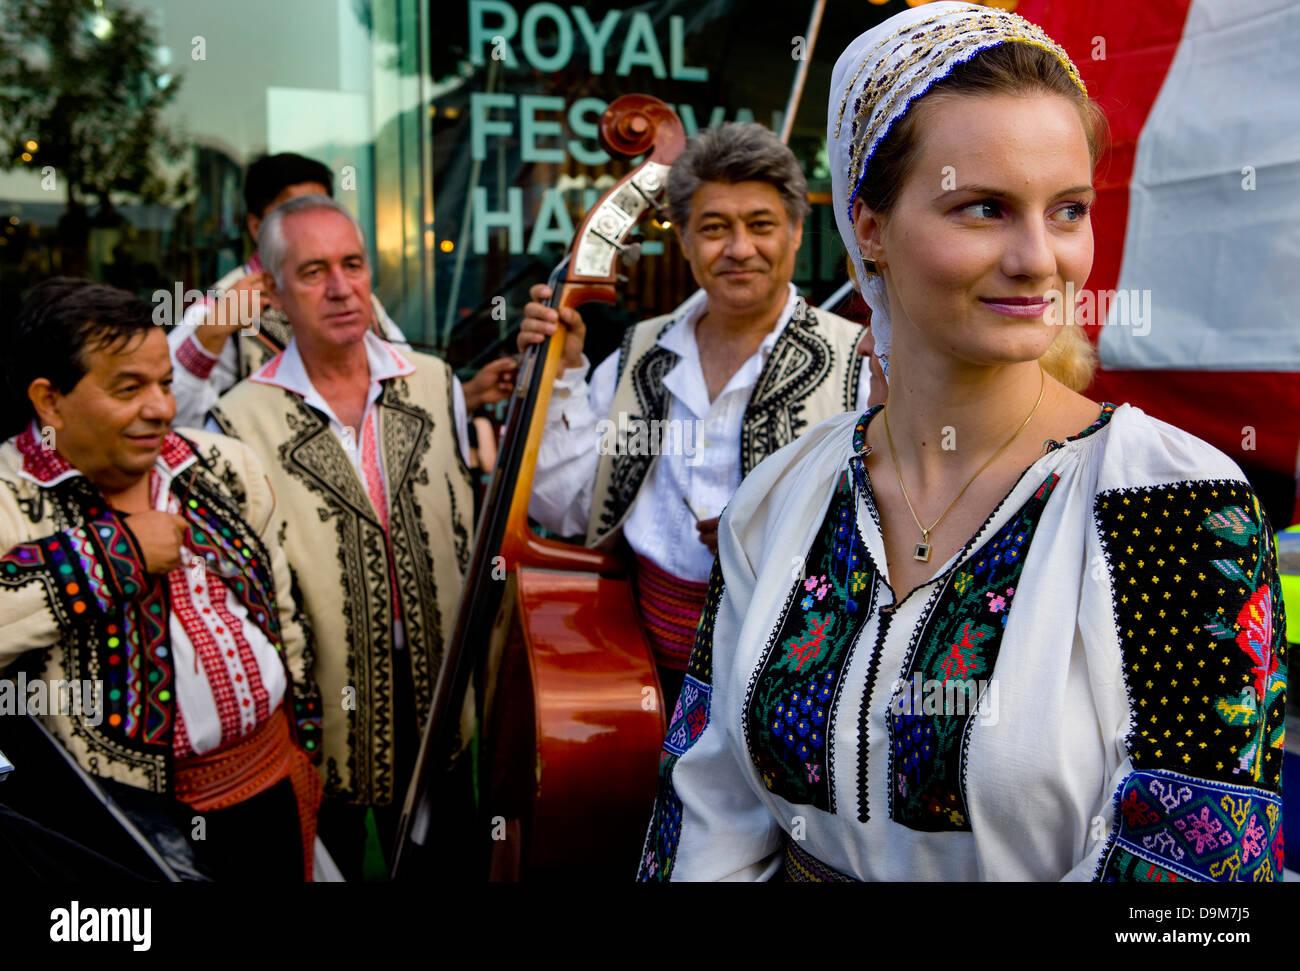 Groupe folklorique roumaine, le long de la rive sud de la Tamise. Thames Festival 2008 Photo Stock